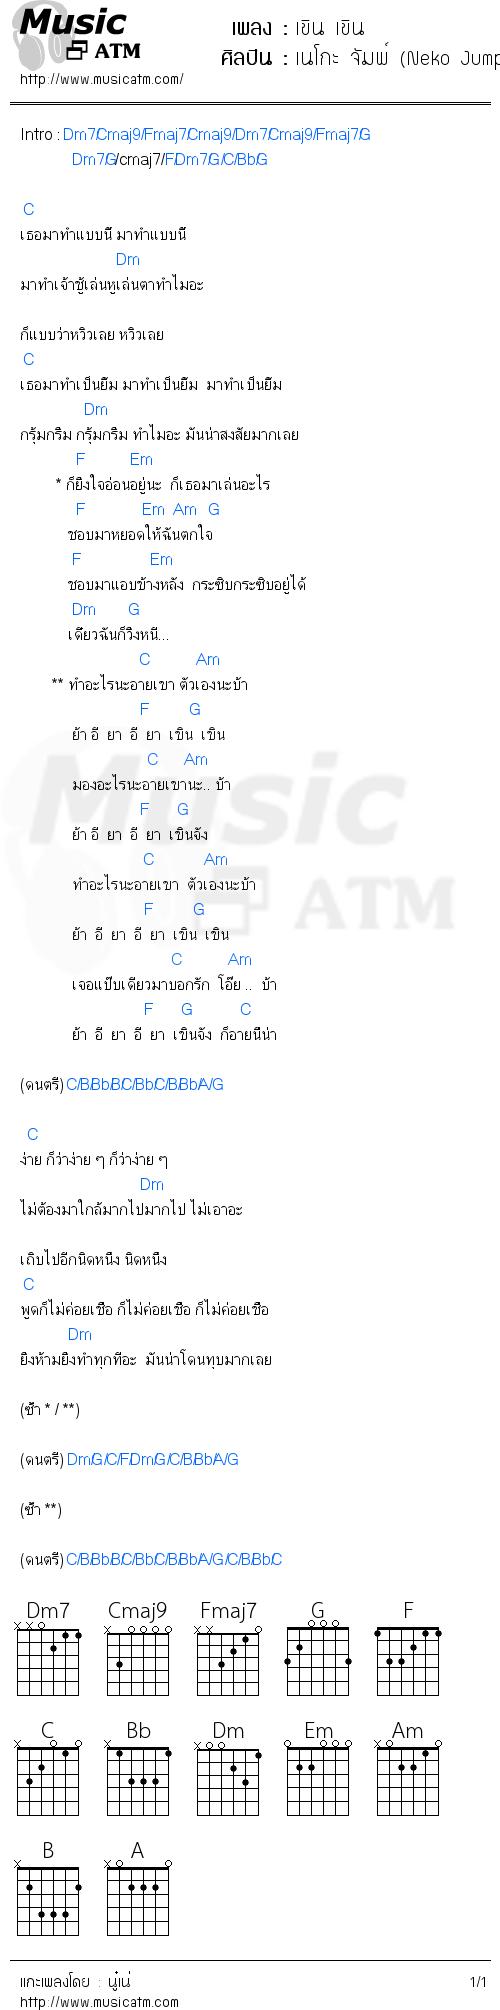 คอร์ดเพลง เขิน เขิน - เนโกะ จัมพ์ (Neko Jump)   คอร์ดเพลงใหม่